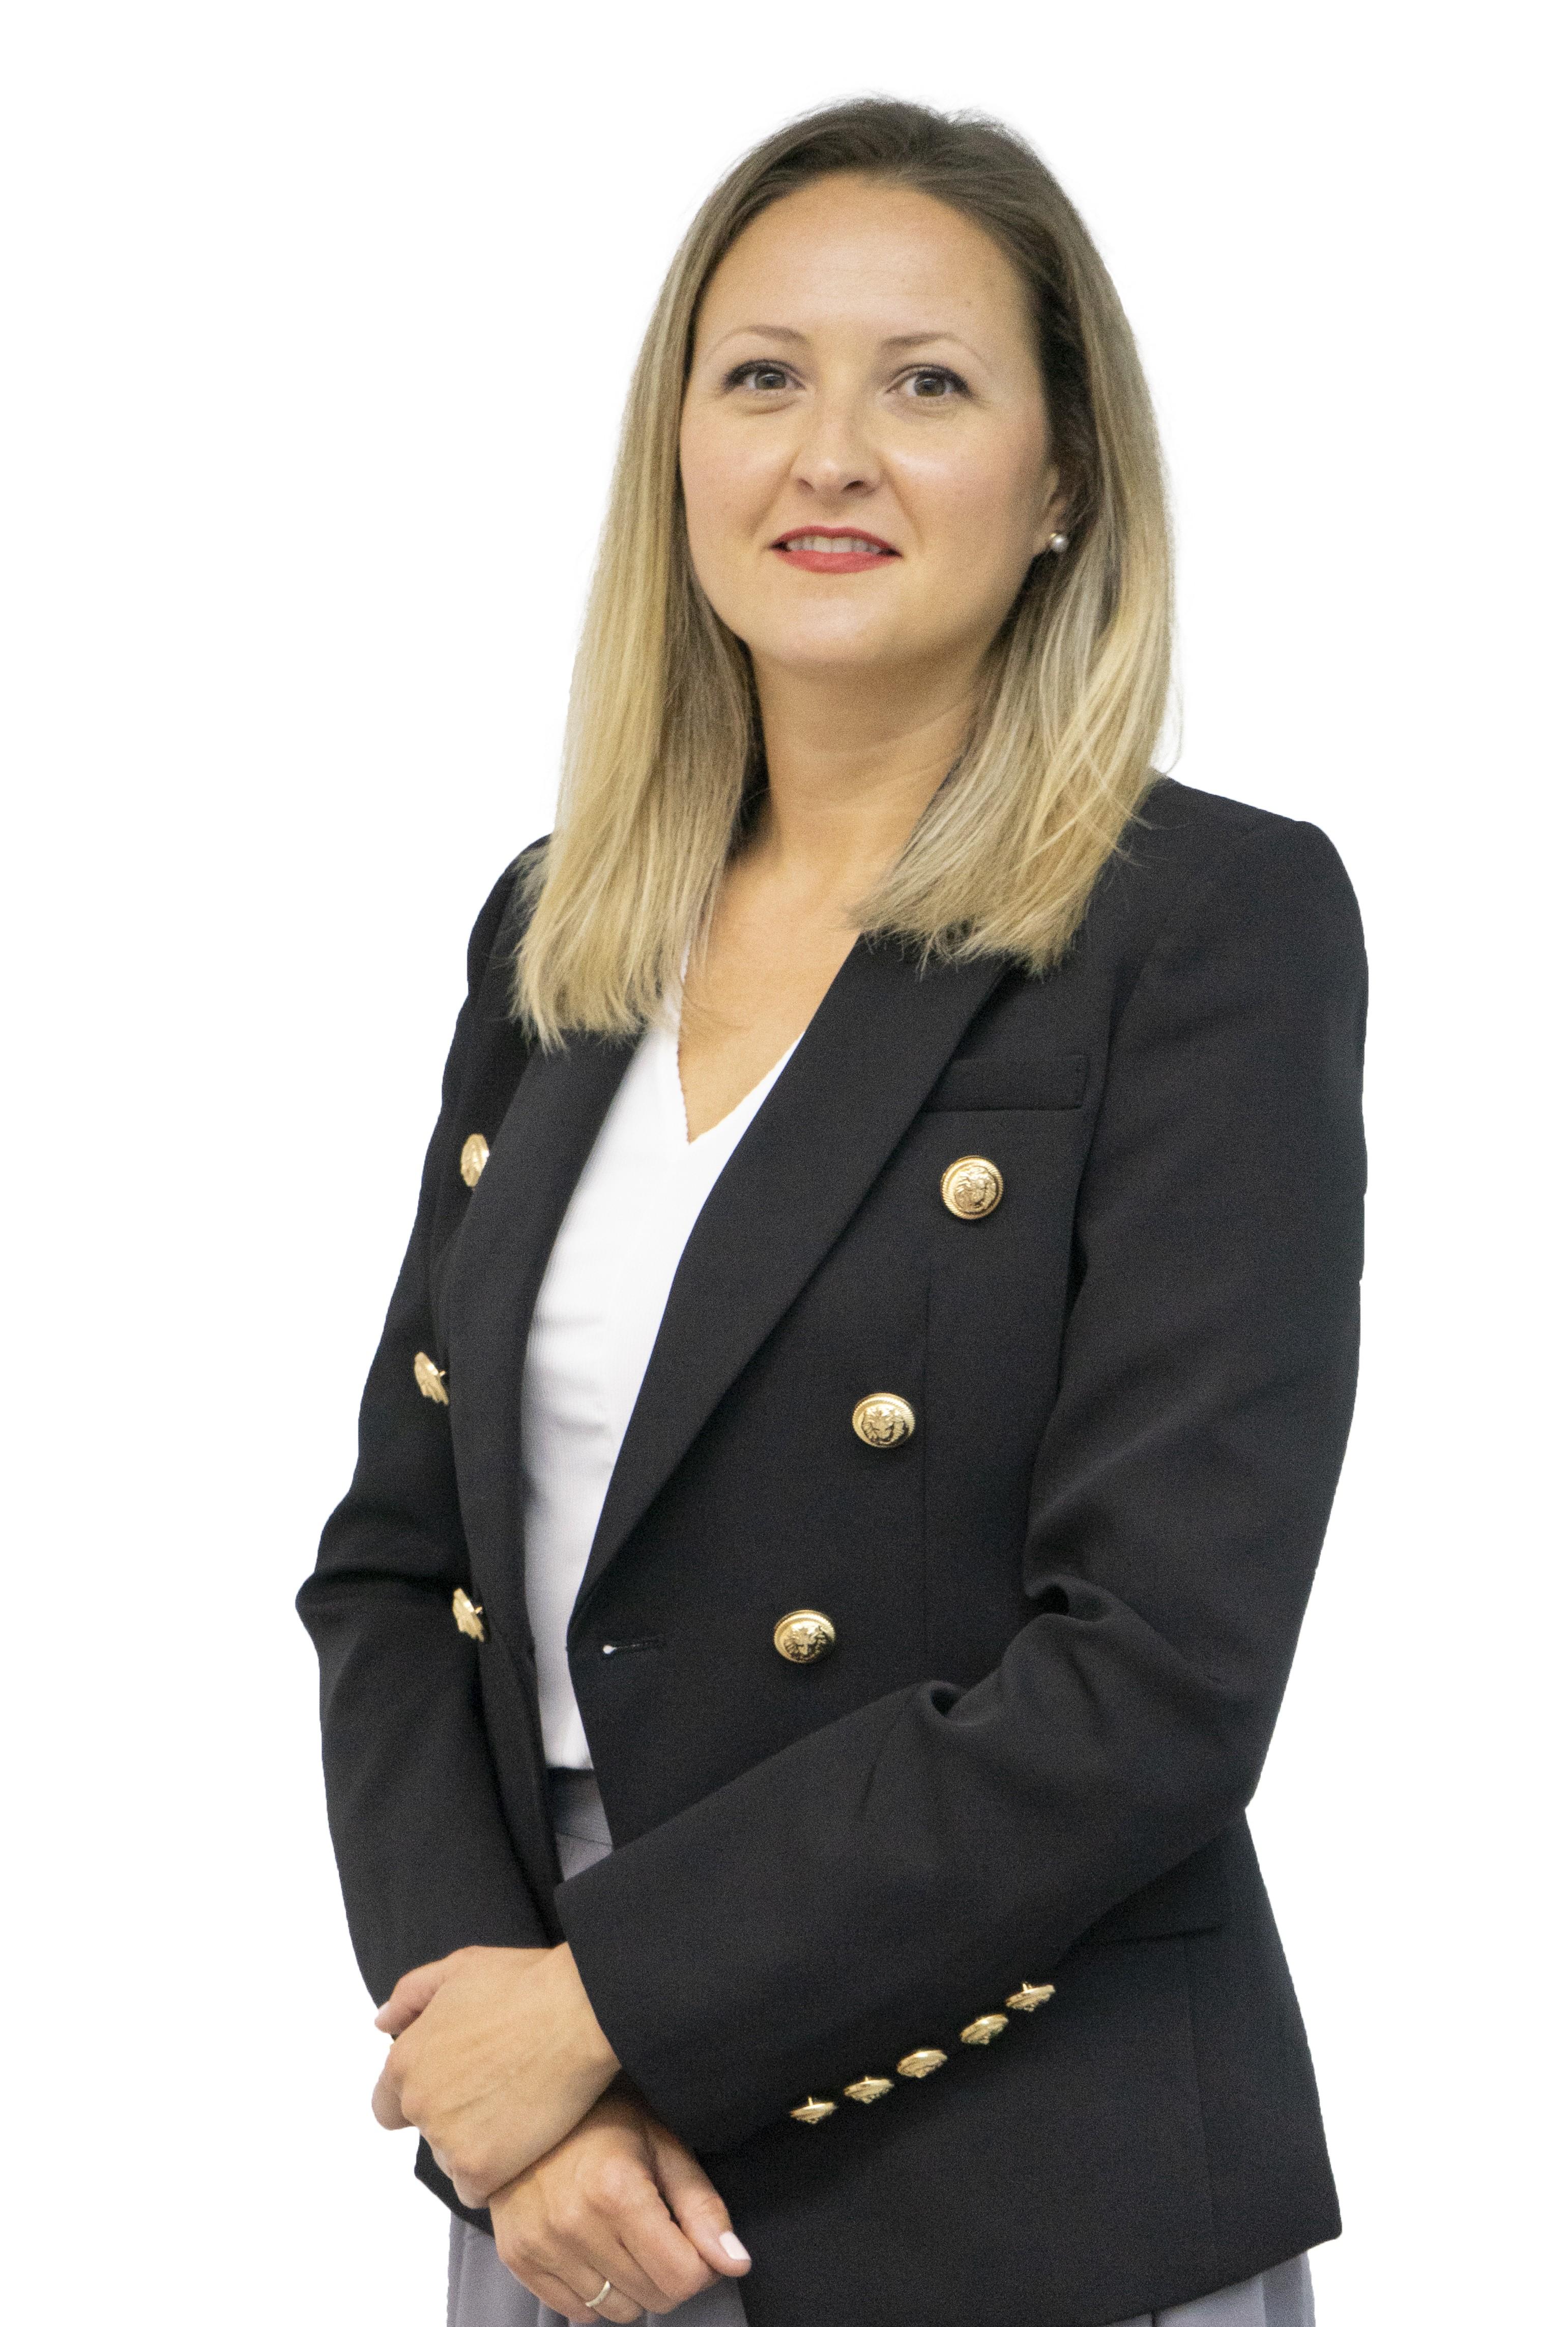 Nadia Sierra Riesco